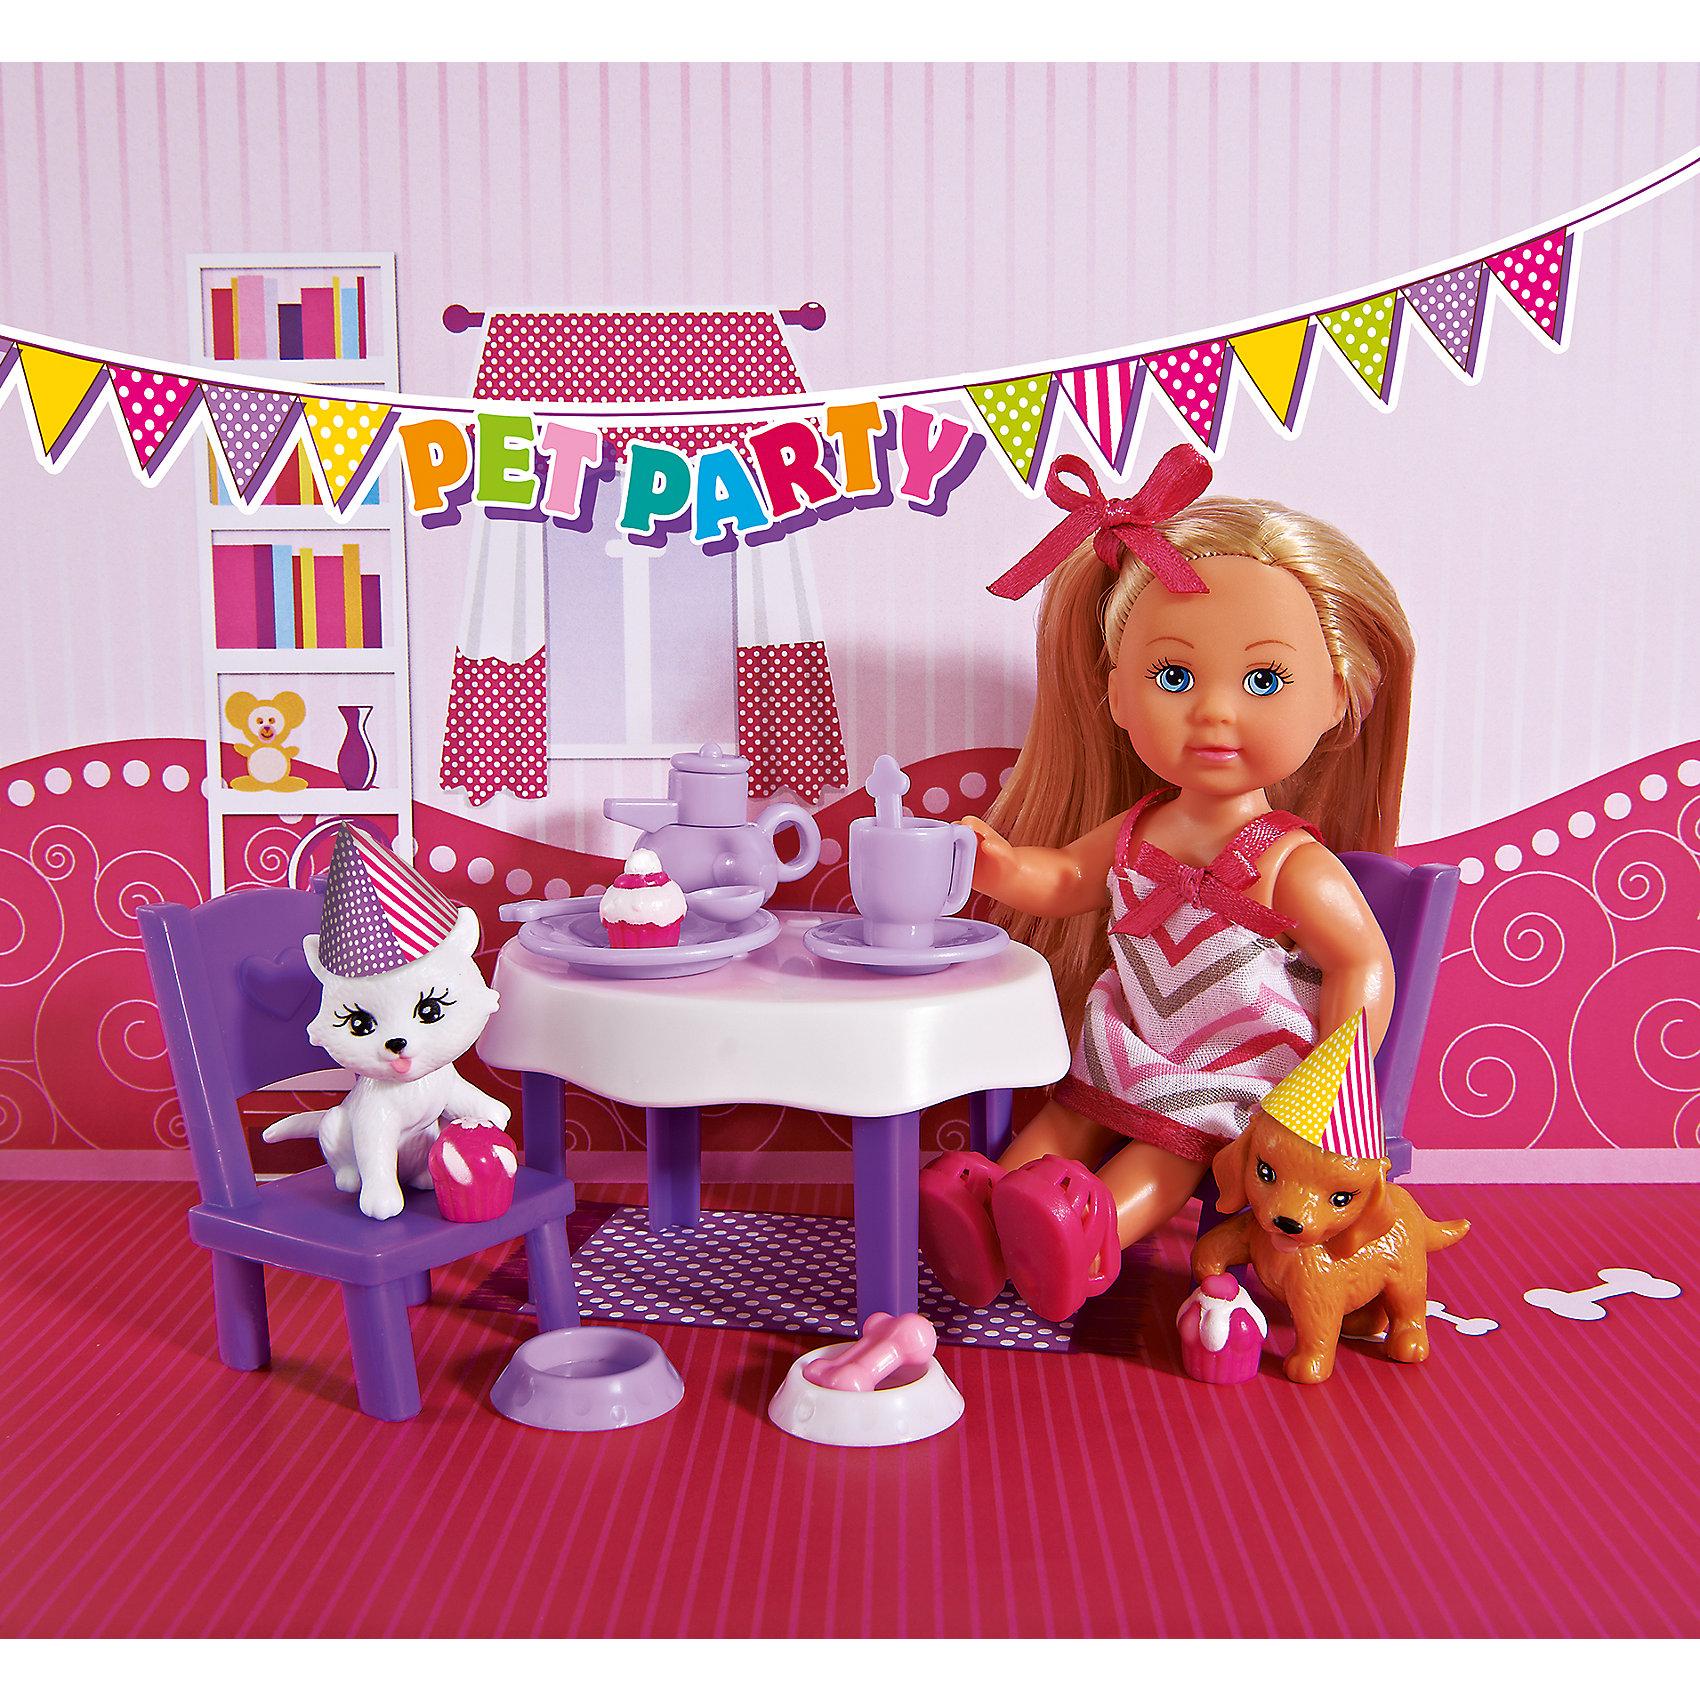 Кукла Еви с набором  День рождение питомцев, SimbaSteffi и Evi Love<br>Характеристики товара:<br><br>- цвет: разноцветный;<br>- материал: пластик;<br>- возраст: от трех лет;<br>- комплектация: кукла, одежда, мебель, 2 фигурки животных, аксессуары;<br>- высота куклы: 12 см.<br><br>Эта симпатичная кукла Еви от известного бренда приводит детей в восторг! Какая девочка сможет отказаться поиграть с куклами, которые дополнены набором в виде животных?! В набор также входят аксессуары и предметы мебели для игр с куклой. Игрушка очень качественно выполнена, поэтому она станет замечательным подарком ребенку. <br>Продается набор в красивой удобной упаковке. Изделие произведено из высококачественного материала, безопасного для детей.<br><br>Куклу Еви с набором День рождение питомцев от бренда Simba можно купить в нашем интернет-магазине.<br><br>Ширина мм: 70<br>Глубина мм: 162<br>Высота мм: 185<br>Вес г: 200<br>Возраст от месяцев: 36<br>Возраст до месяцев: 120<br>Пол: Женский<br>Возраст: Детский<br>SKU: 5119519